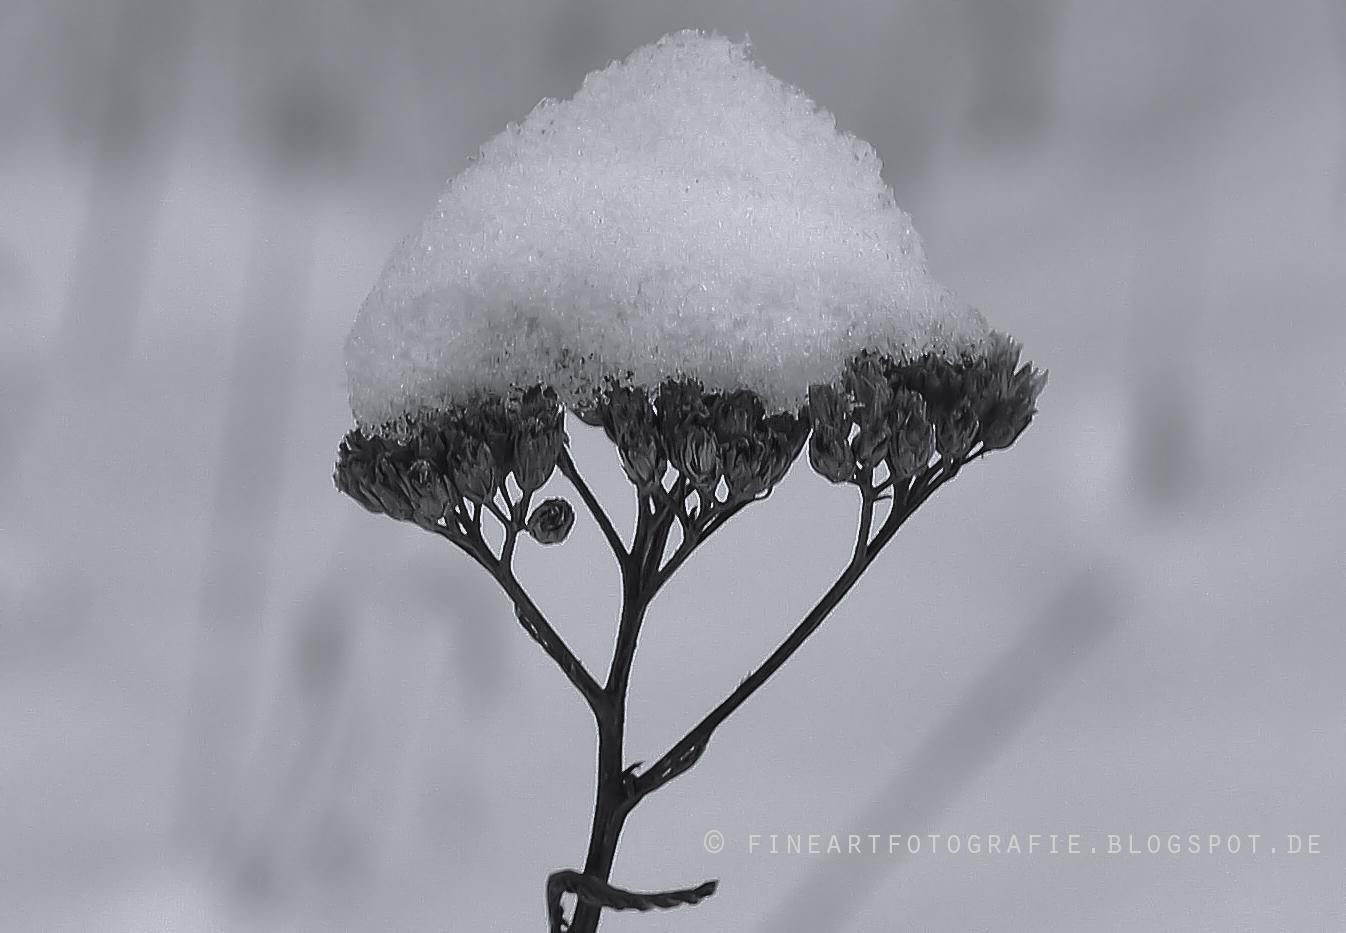 fine art fotografie schneebedeckt pflanzen im winter. Black Bedroom Furniture Sets. Home Design Ideas